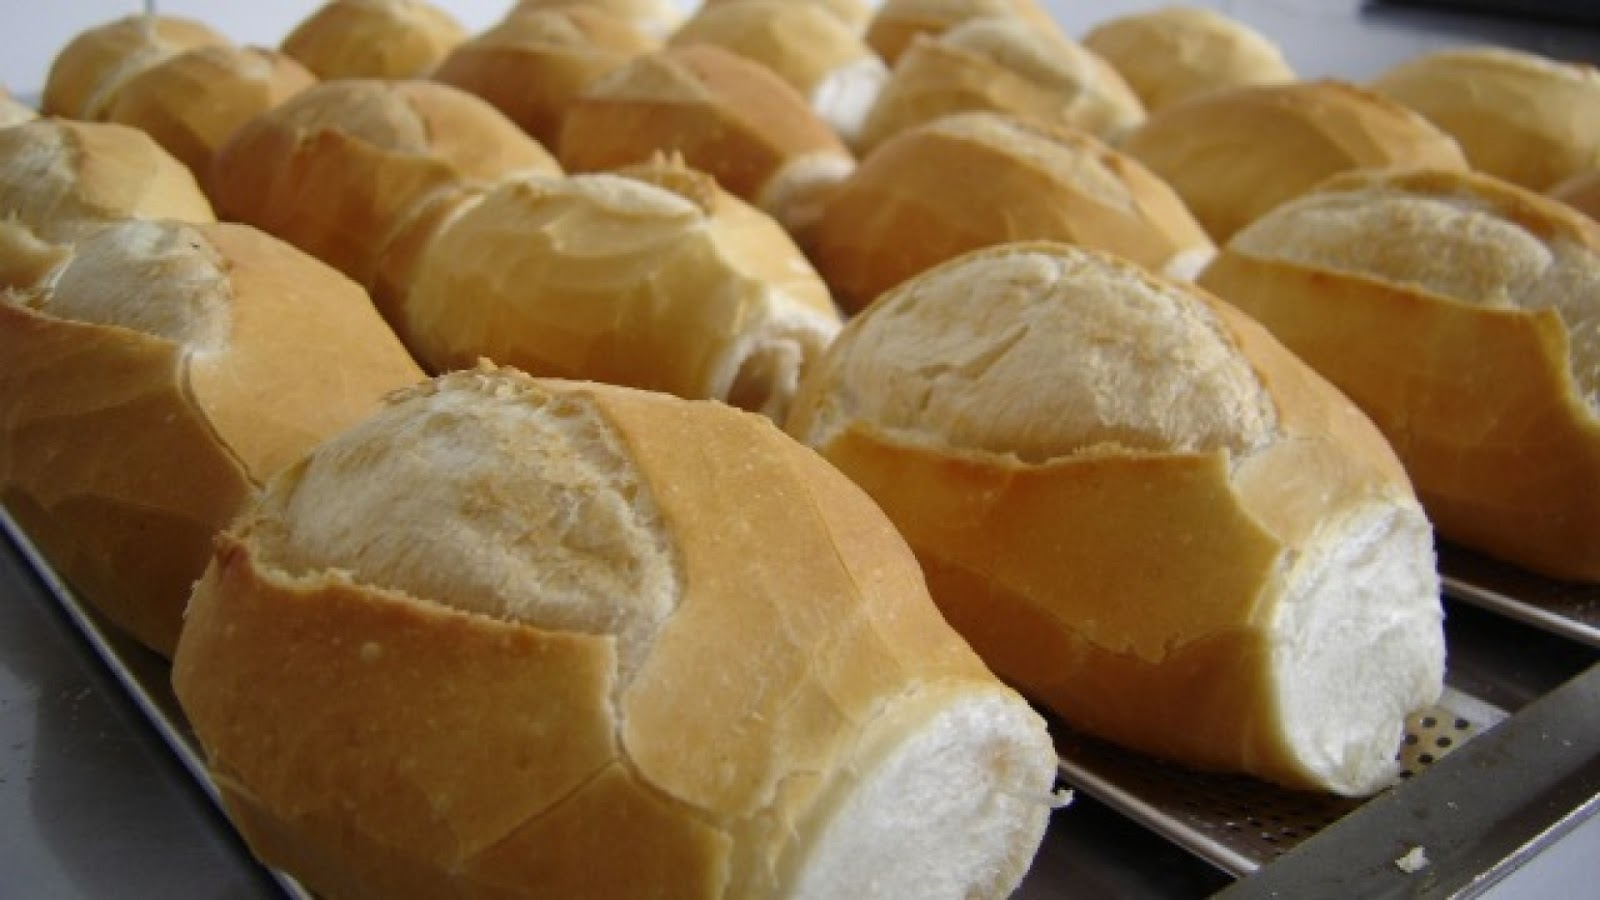 Conmemorando cada día: 04 de agosto - Día Nacional del Obrero Panadero